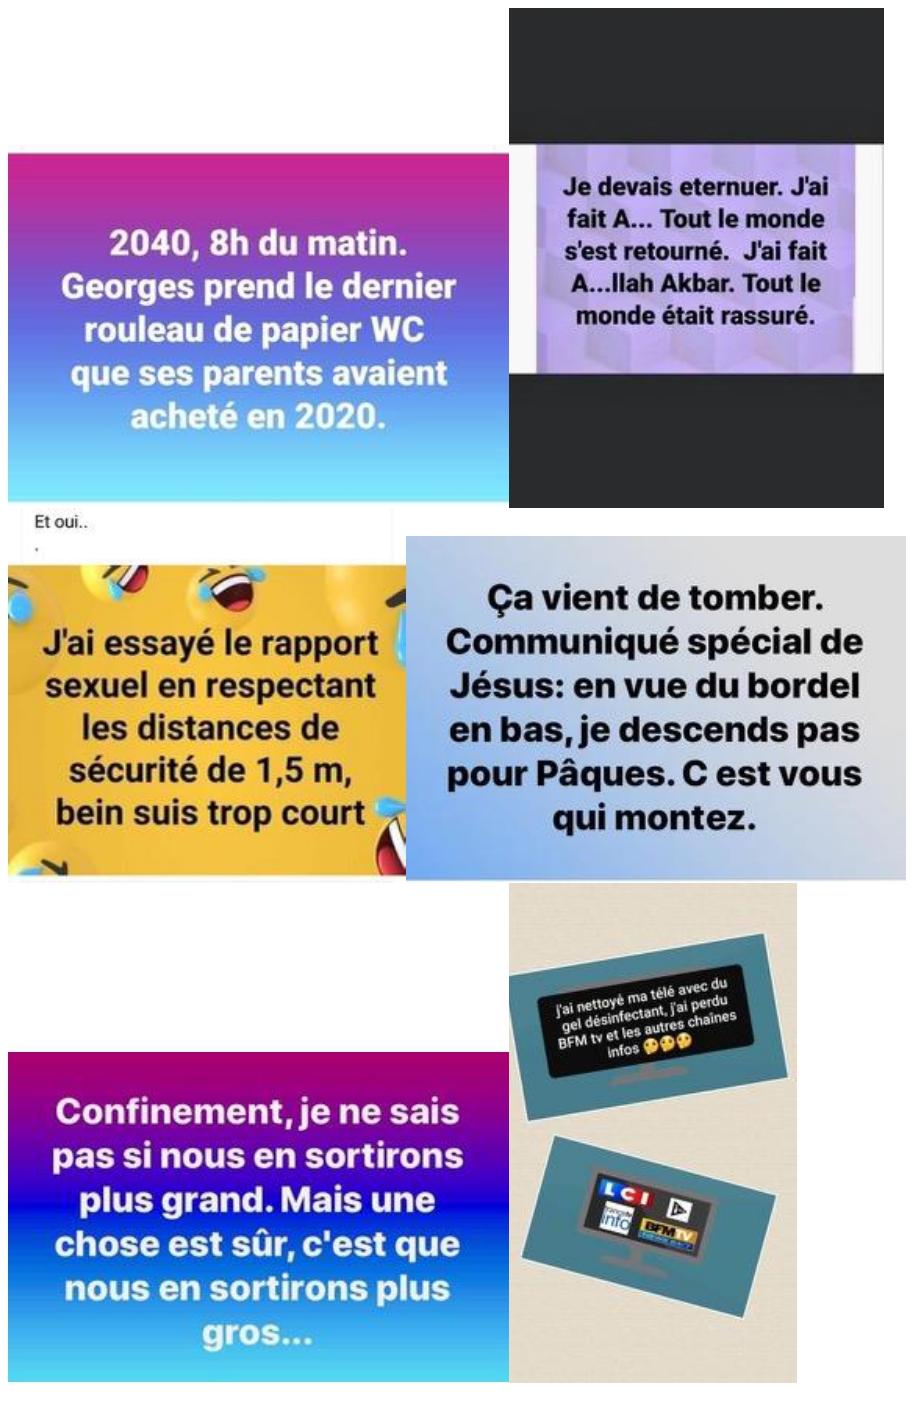 Un peu d'humour ... - CFTC Covea France